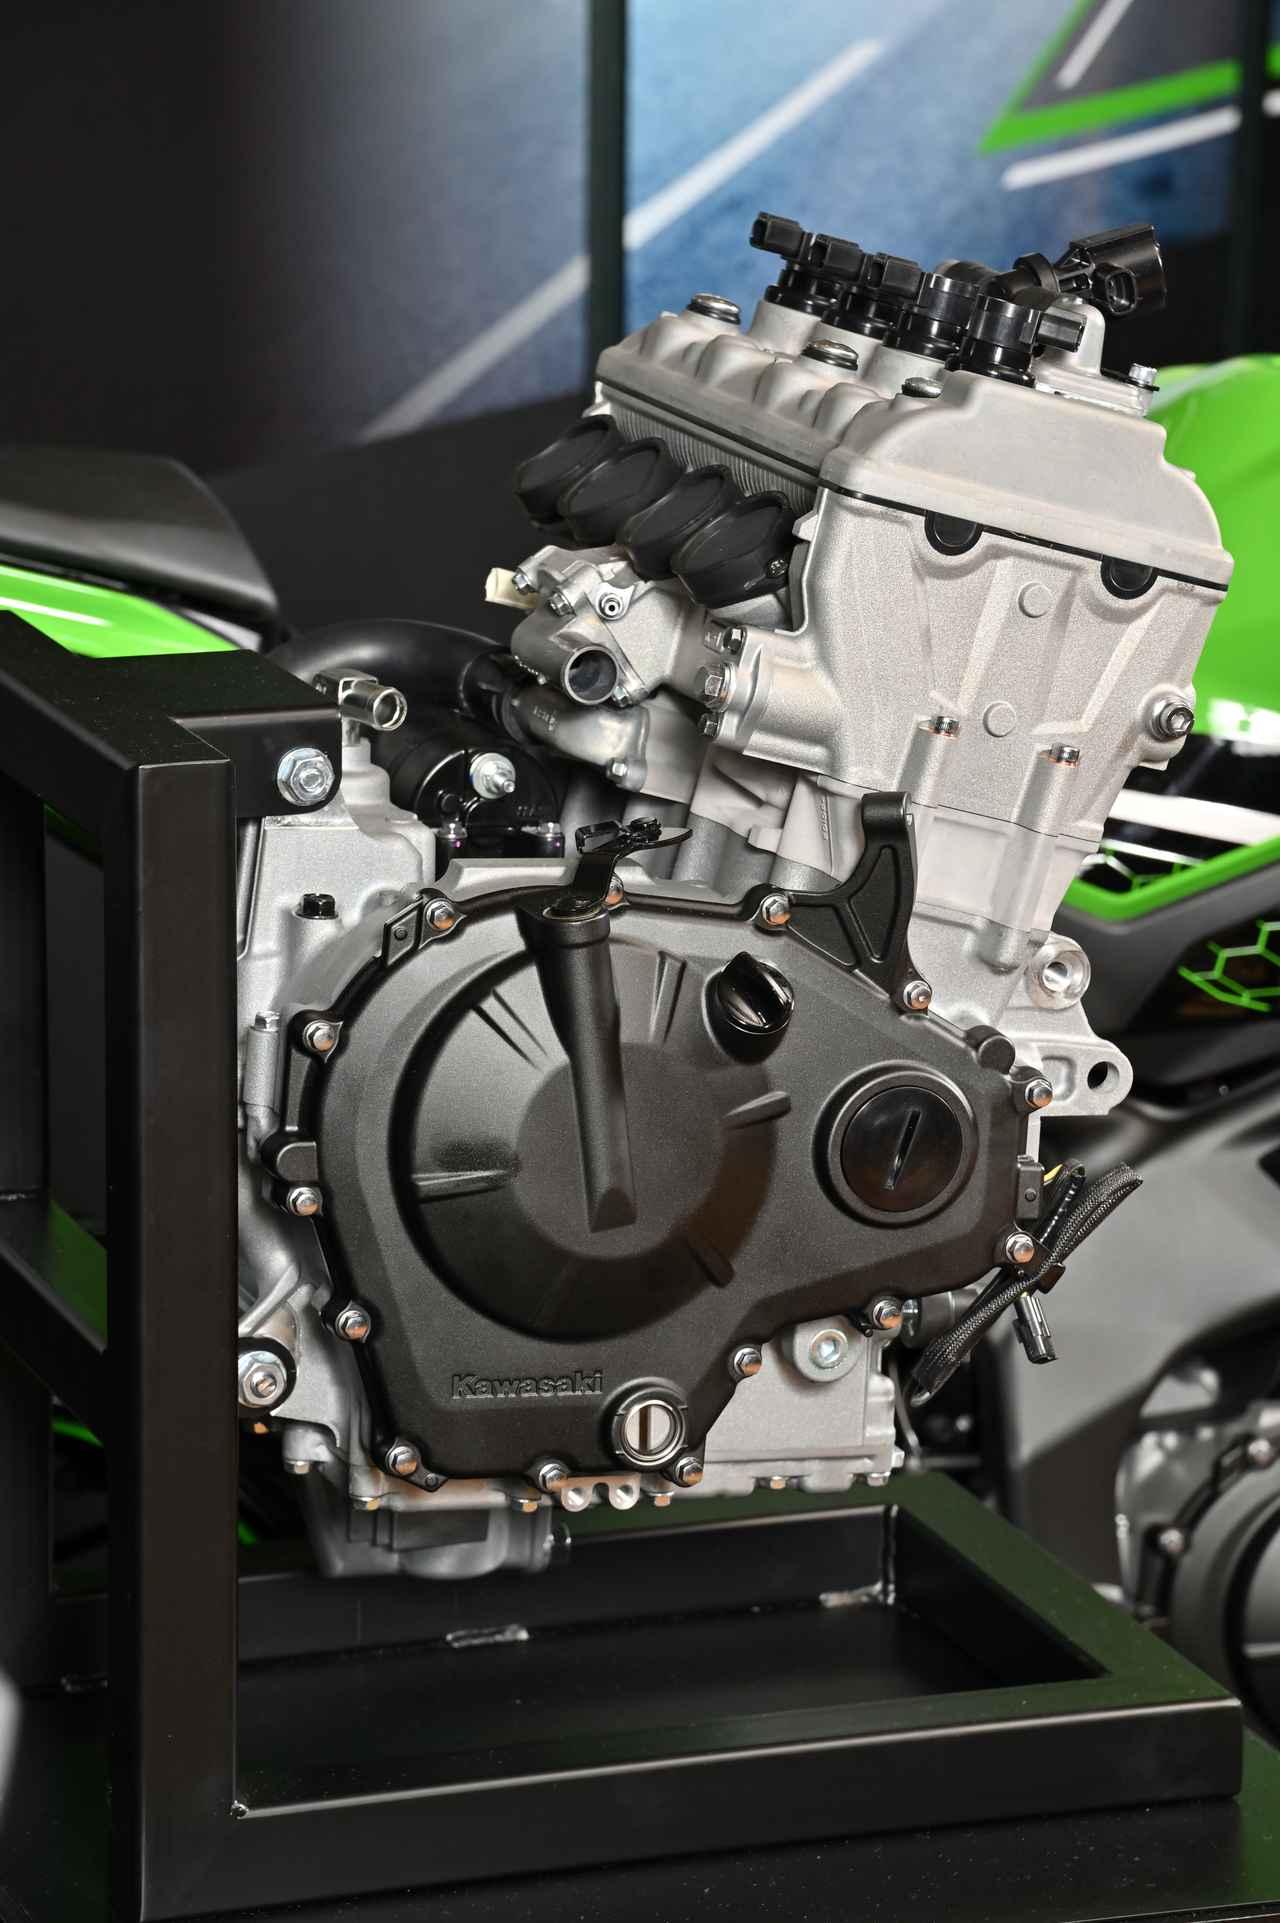 画像2: 話題沸騰のZX-25Rのエンジンの実物をどこよりも早く見れる!